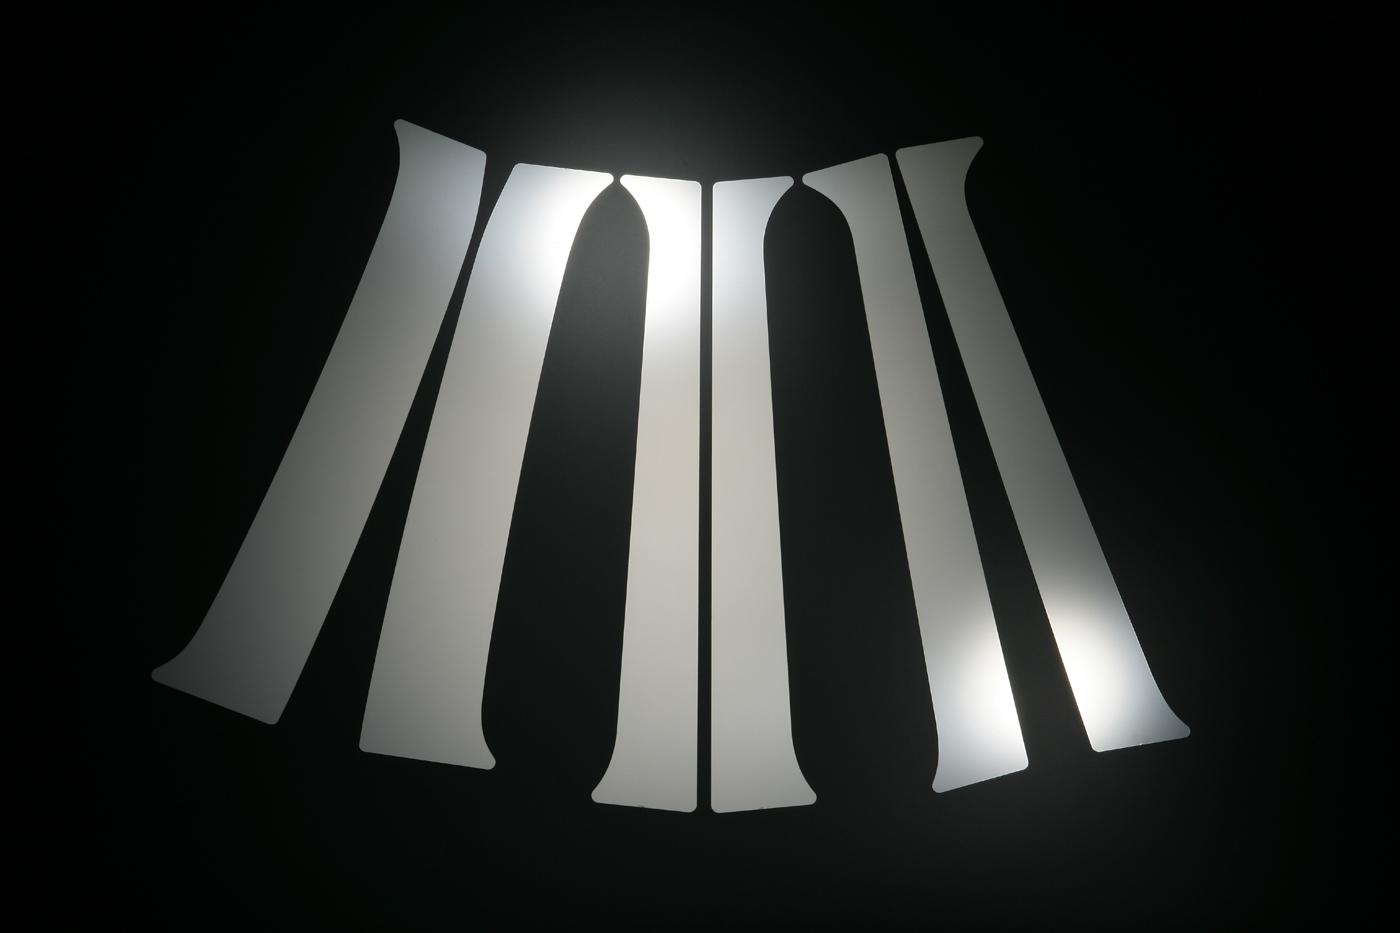 【スズキ】【セルボ】 HG21S ステンレスピラー 6枚セット